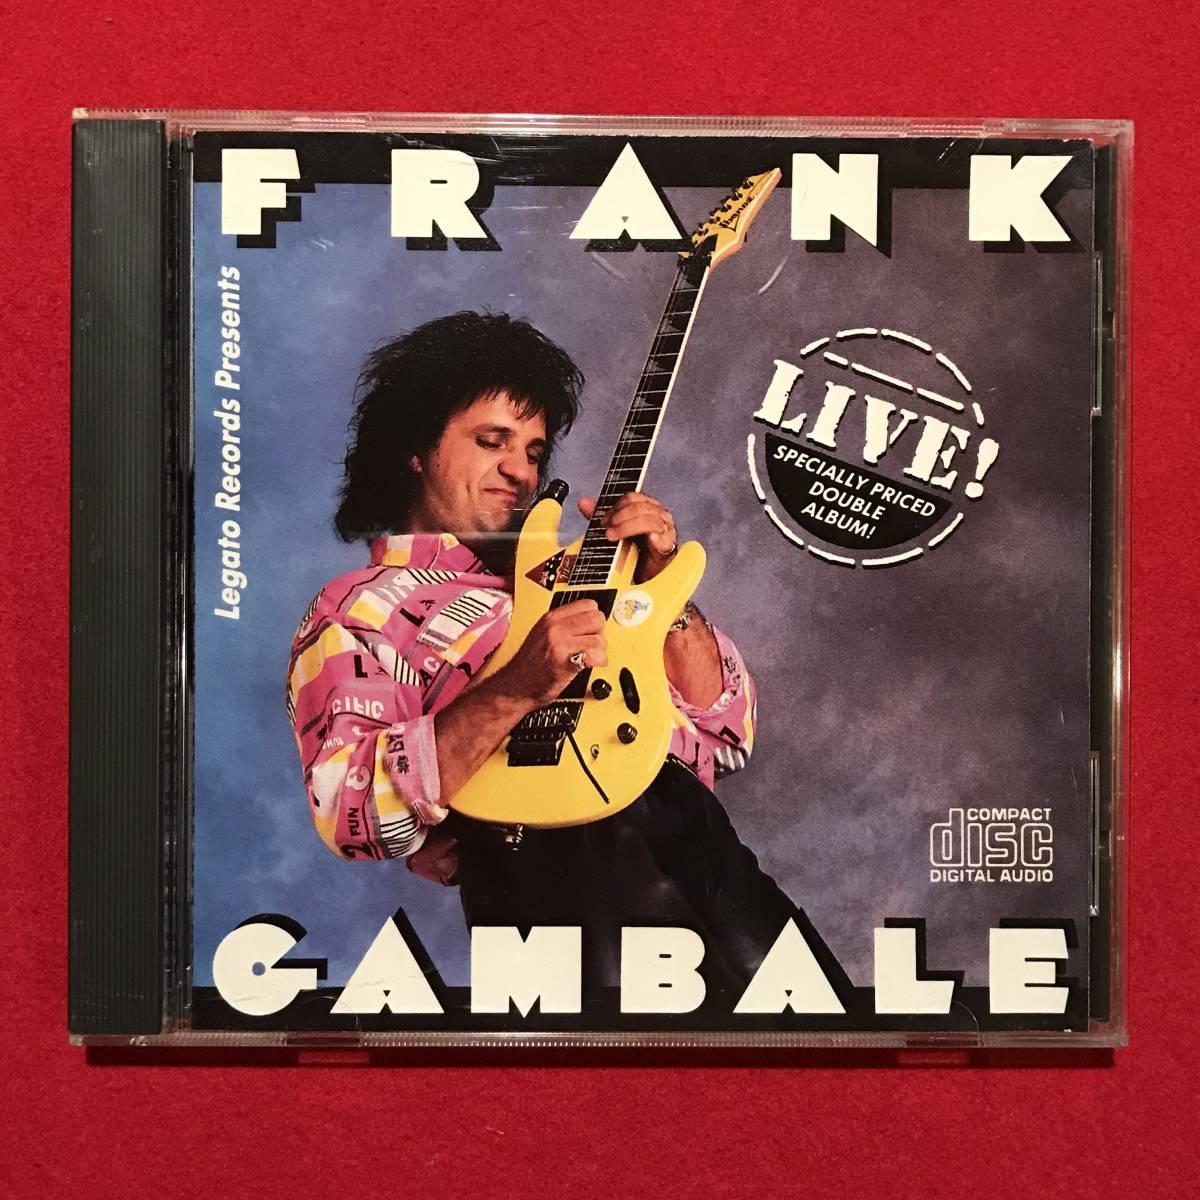 8883●CD●FRANK GAMBALE/フランク・ギャンバレ 『LIVE!』 スレキズ、ケースに汚れ、キズなどあり 中古